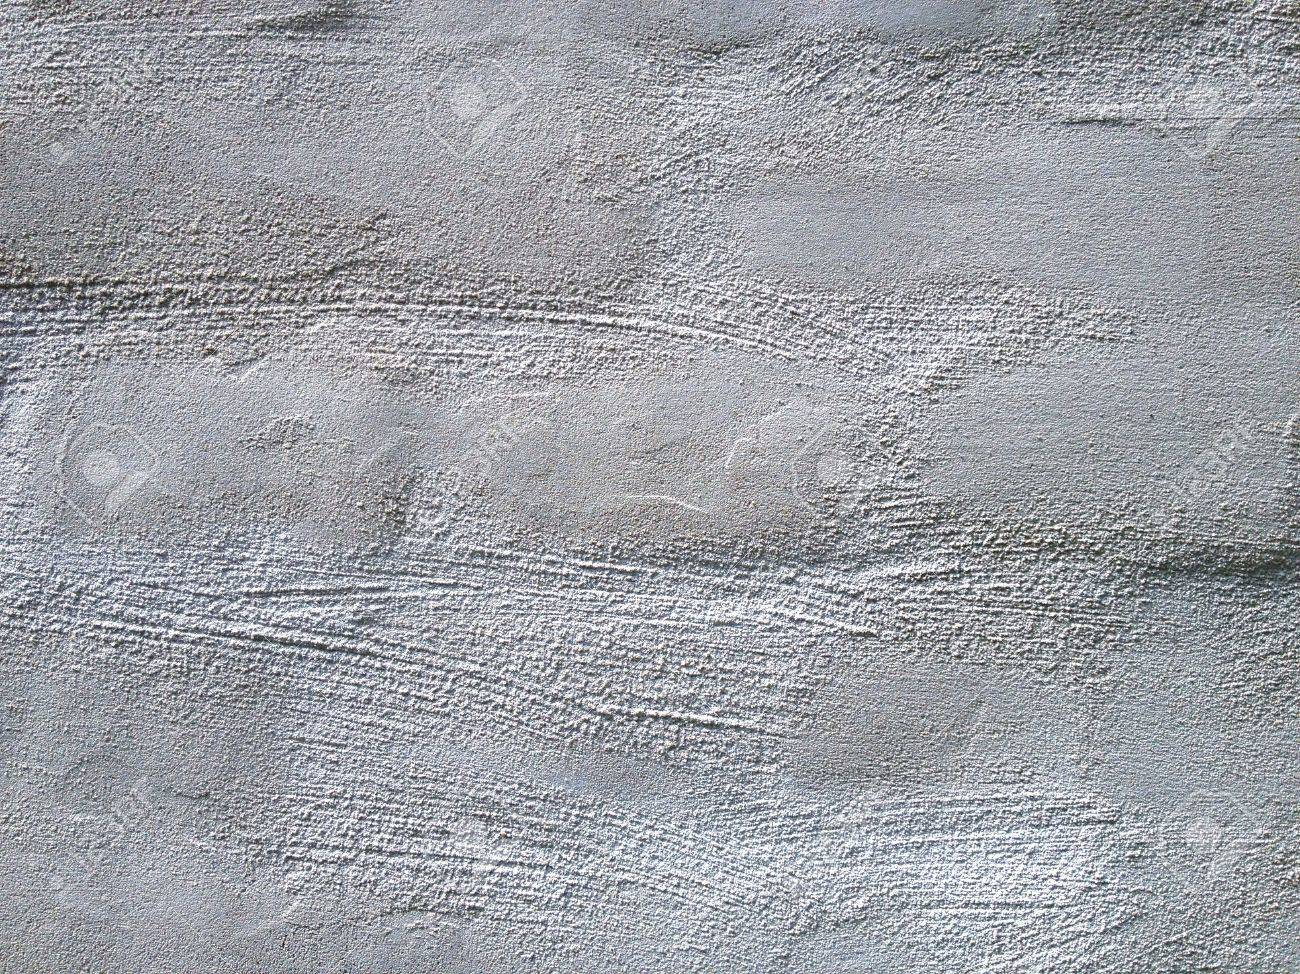 Grau Verputzt Wand Mit Grobe Textur Lizenzfreie Fotos, Bilder Und ...